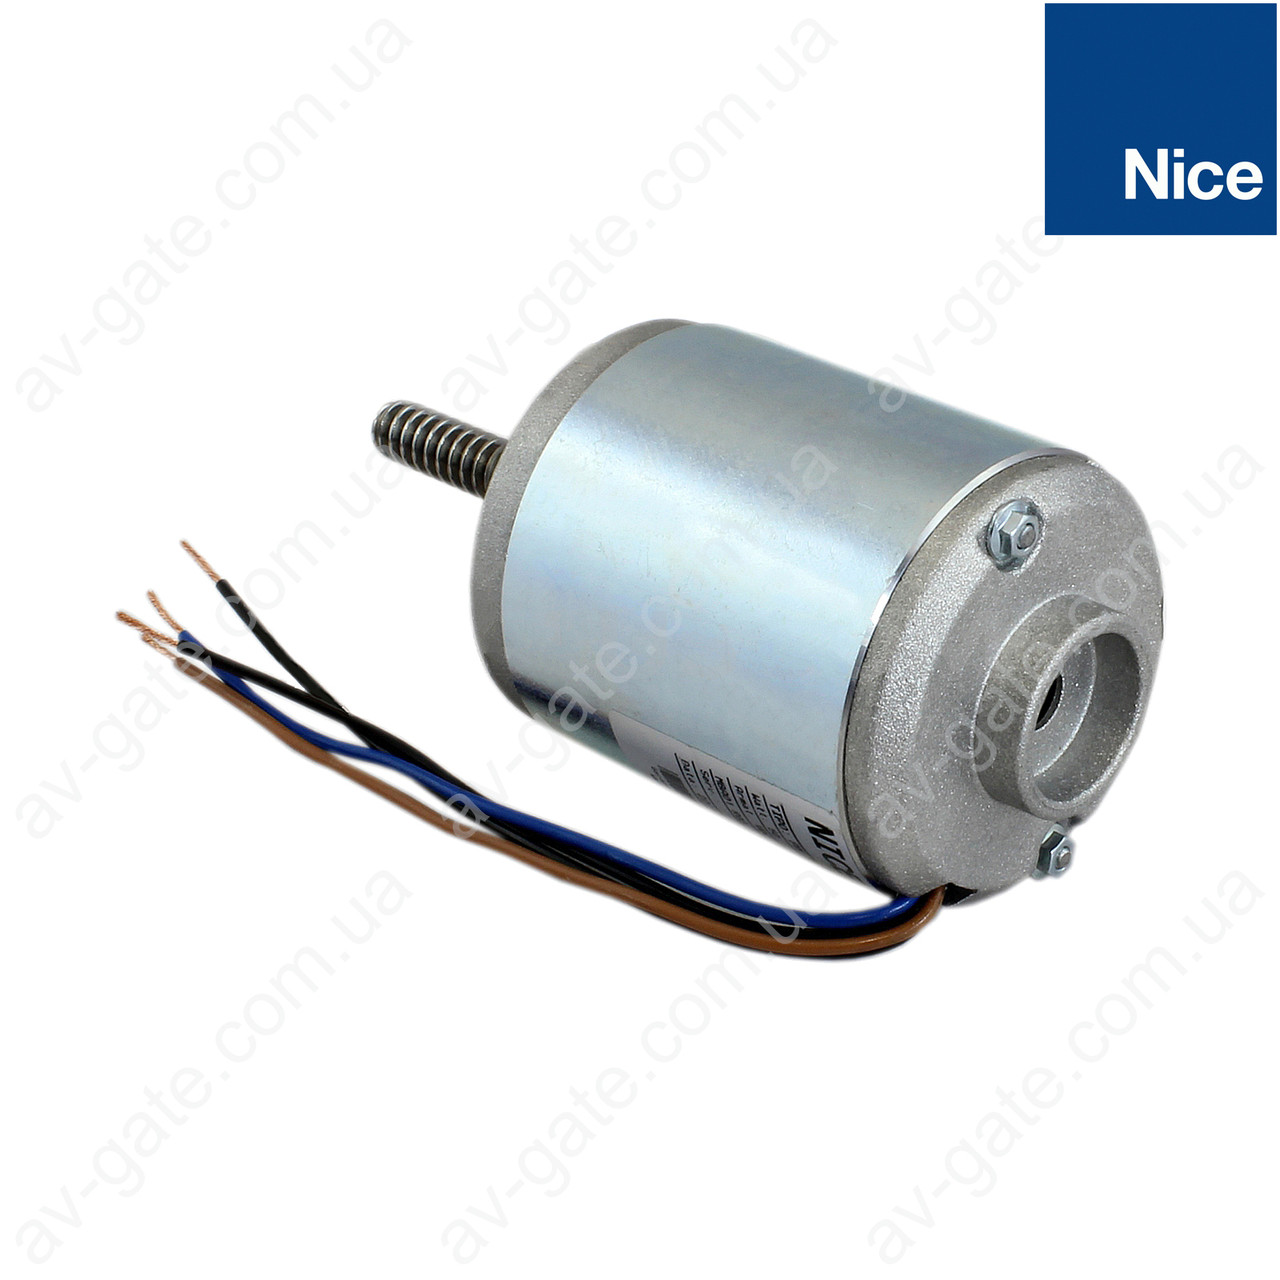 Электродвигатель MOBY24 Nice MBA01R03